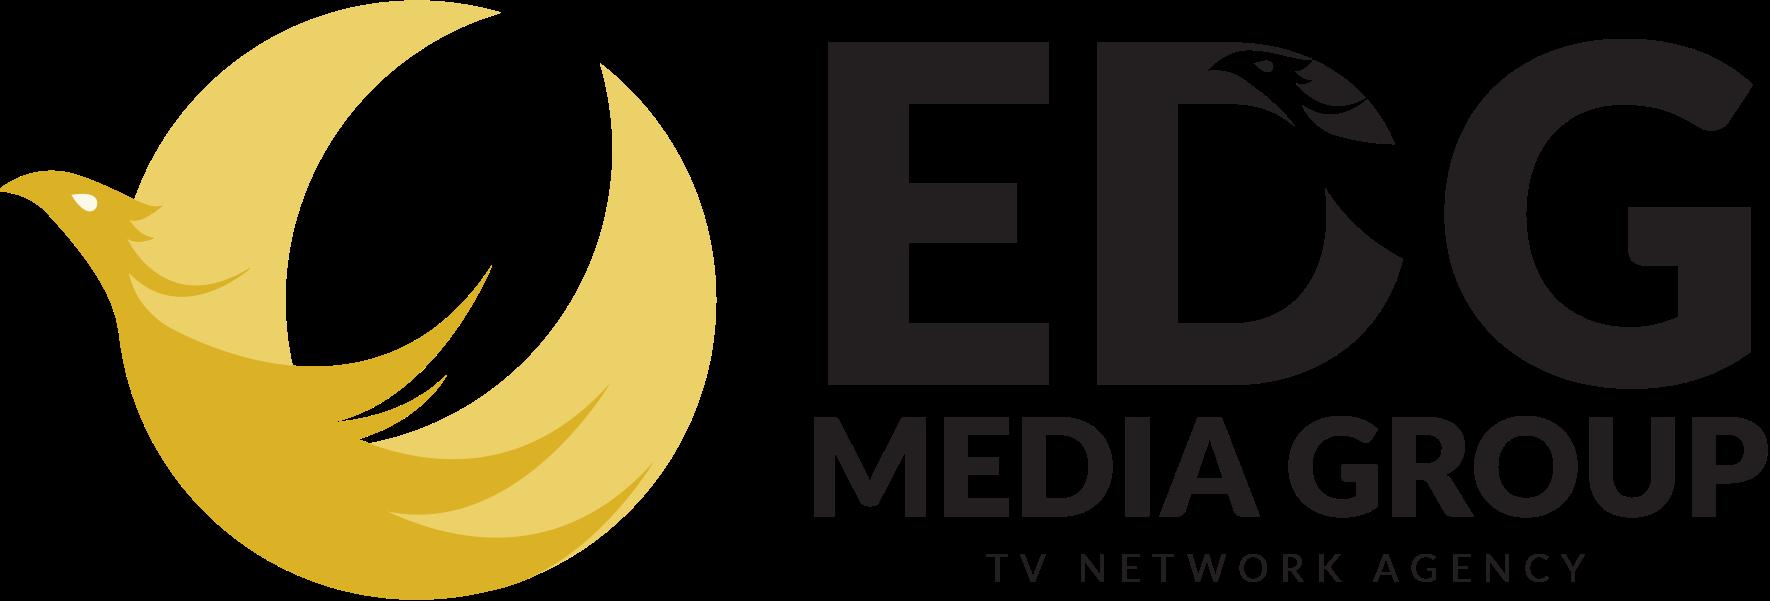 EdG Media Group Logo